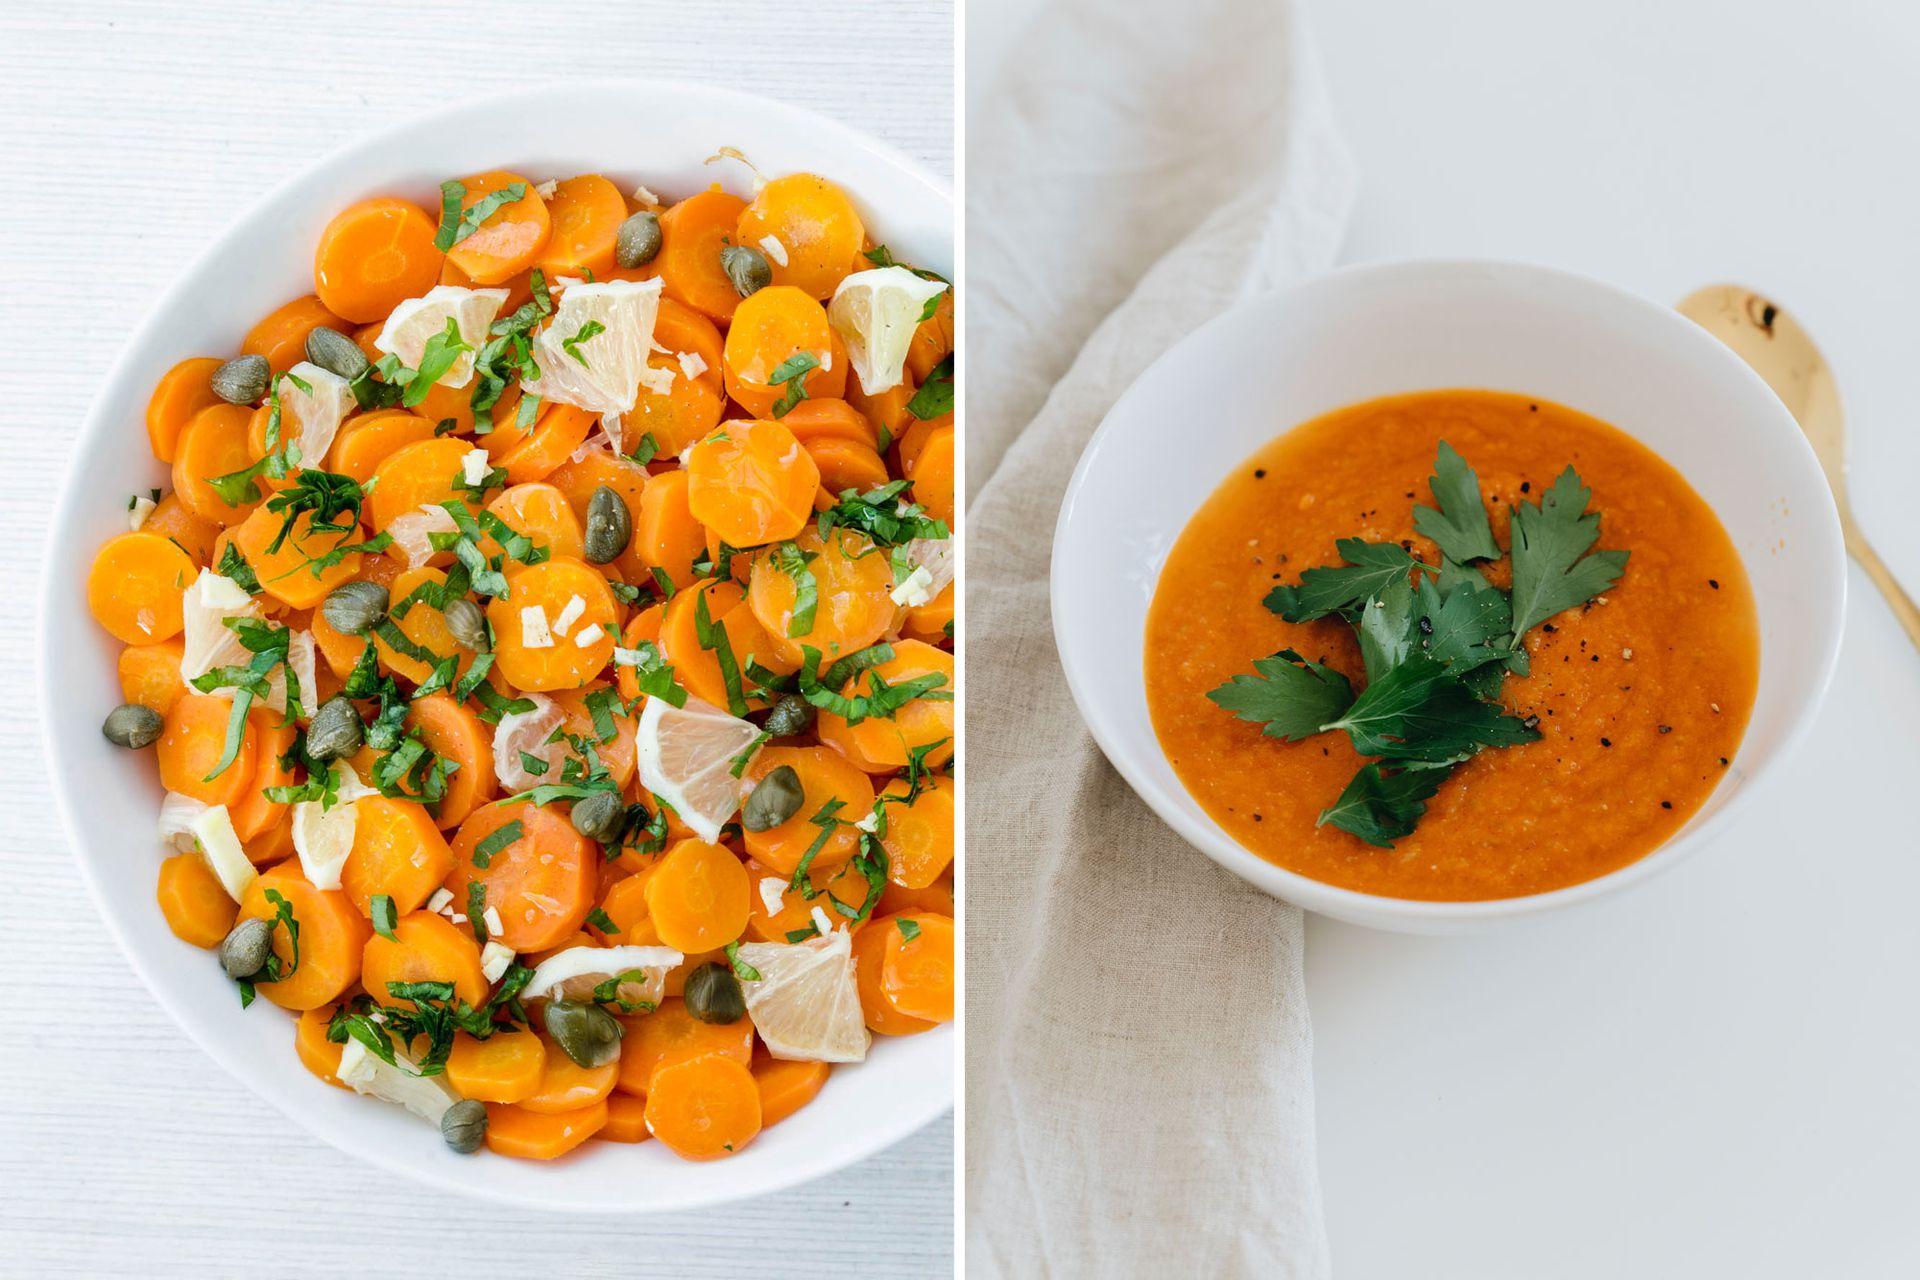 Izquierda: ensalada de zanahoria cocida (ver receta). Derecha: en sopas licuadas, la zanahoria se luce con su despliegue de color y dulzor.